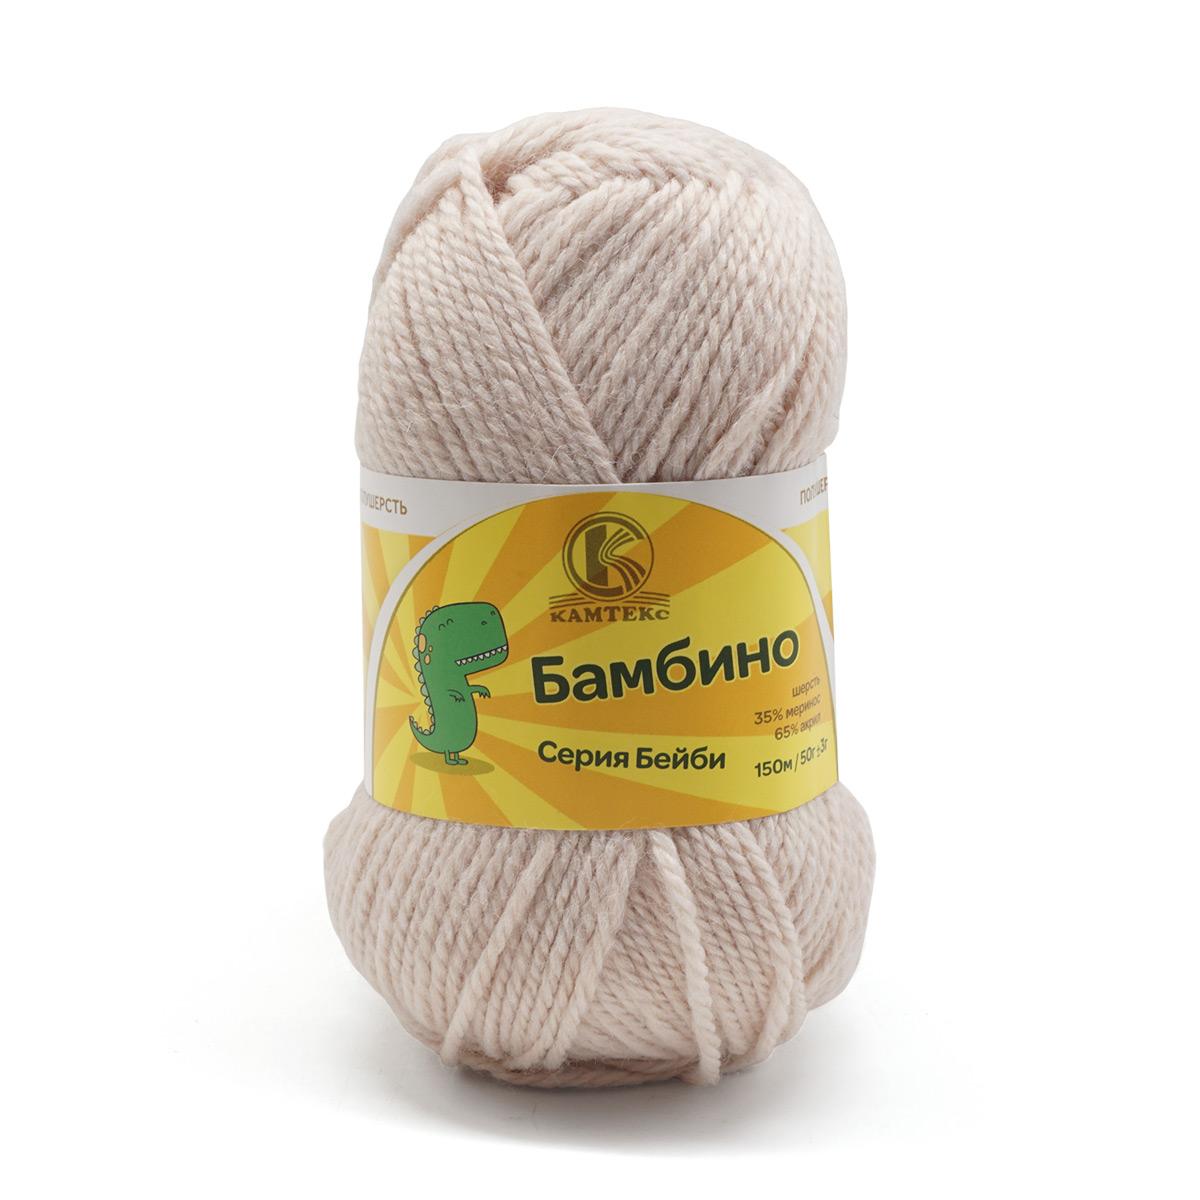 Пряжа  Камтекс Бамбино 150м./50,45г. Мериносовая шерсть 35%; акрил 35%